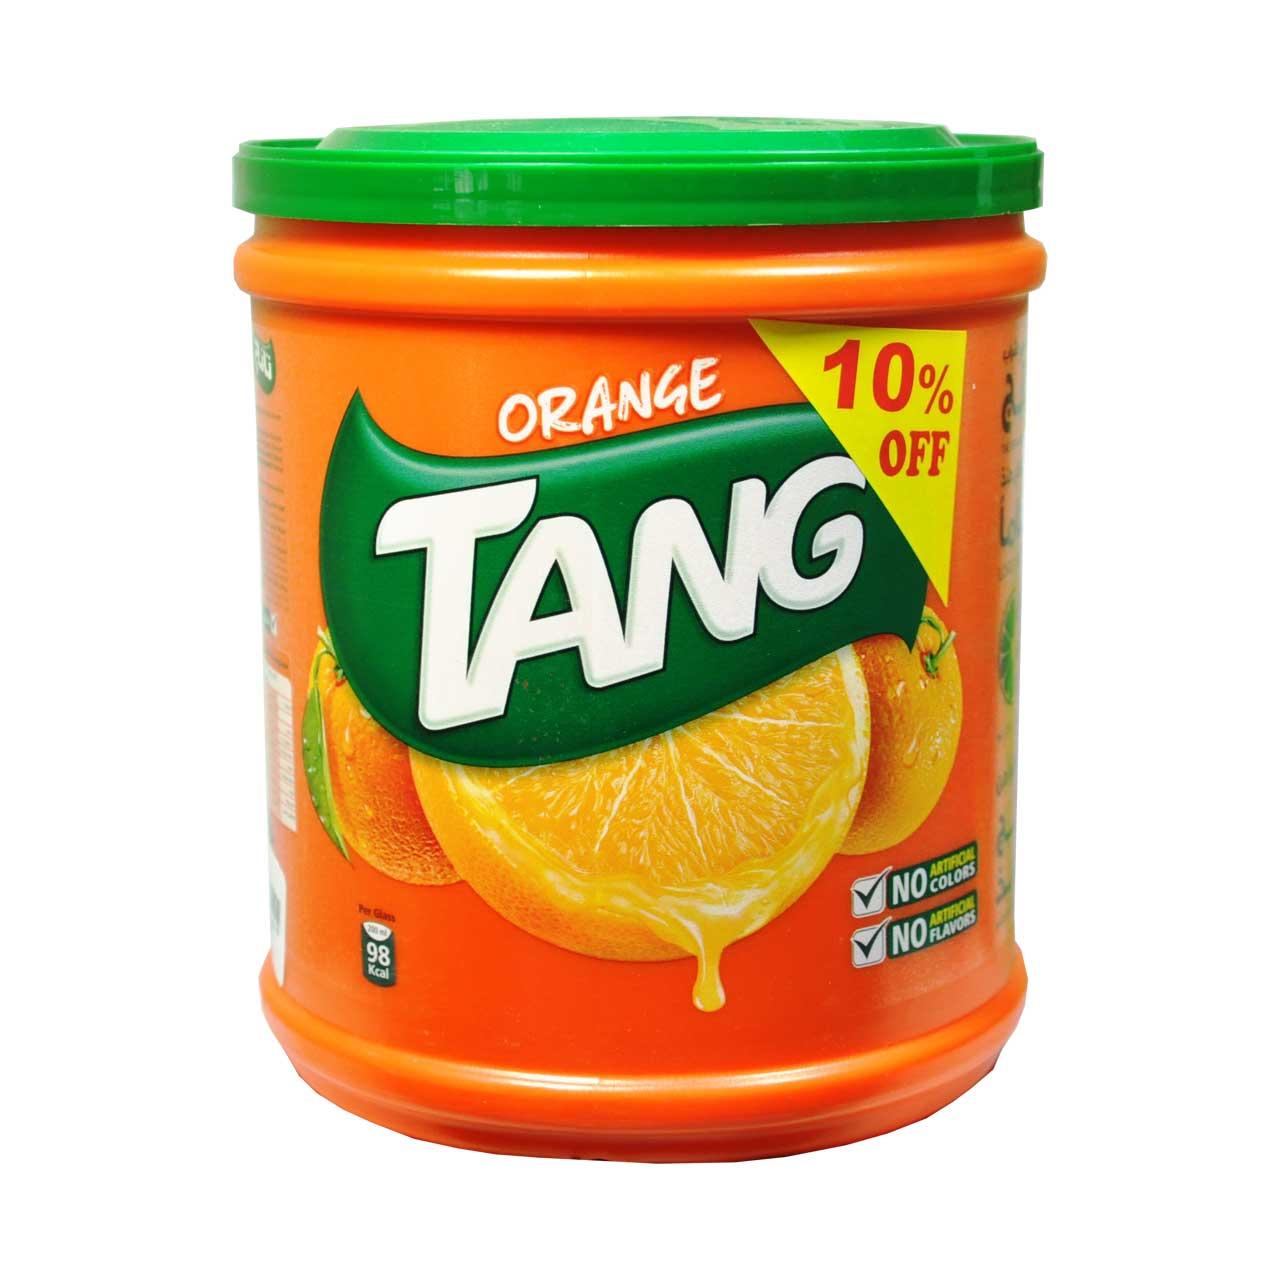 پورد شربت پرتقال تانگ ۲٫۵ کیلویی – TANG